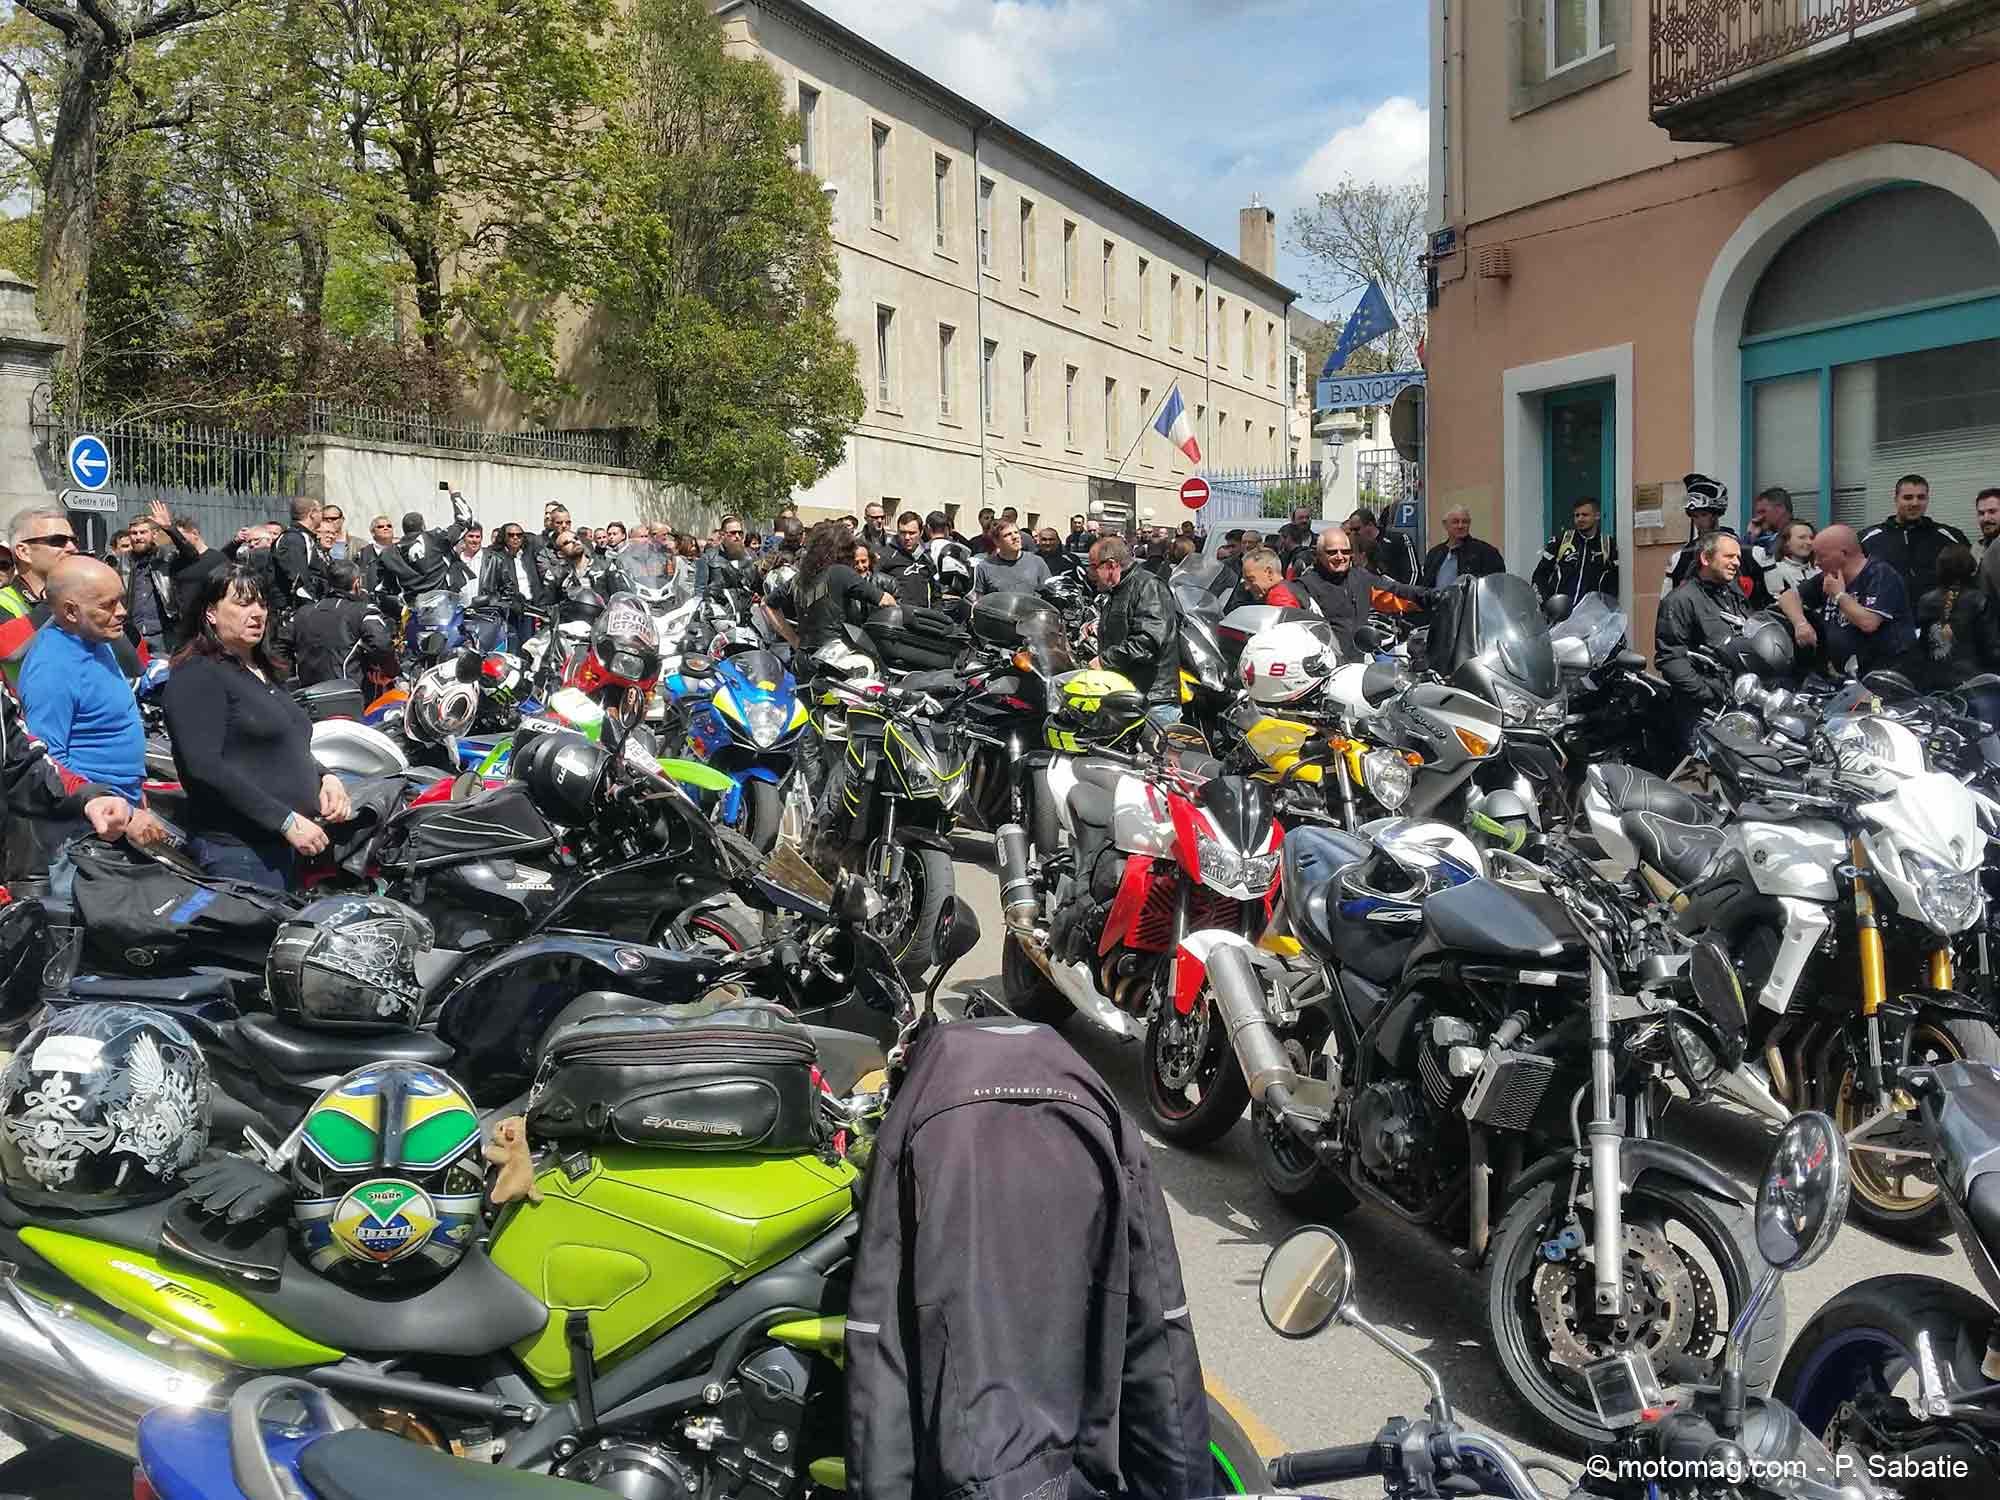 manif ffmc 26 07 900 motards en route pour valence contre le ct moto. Black Bedroom Furniture Sets. Home Design Ideas